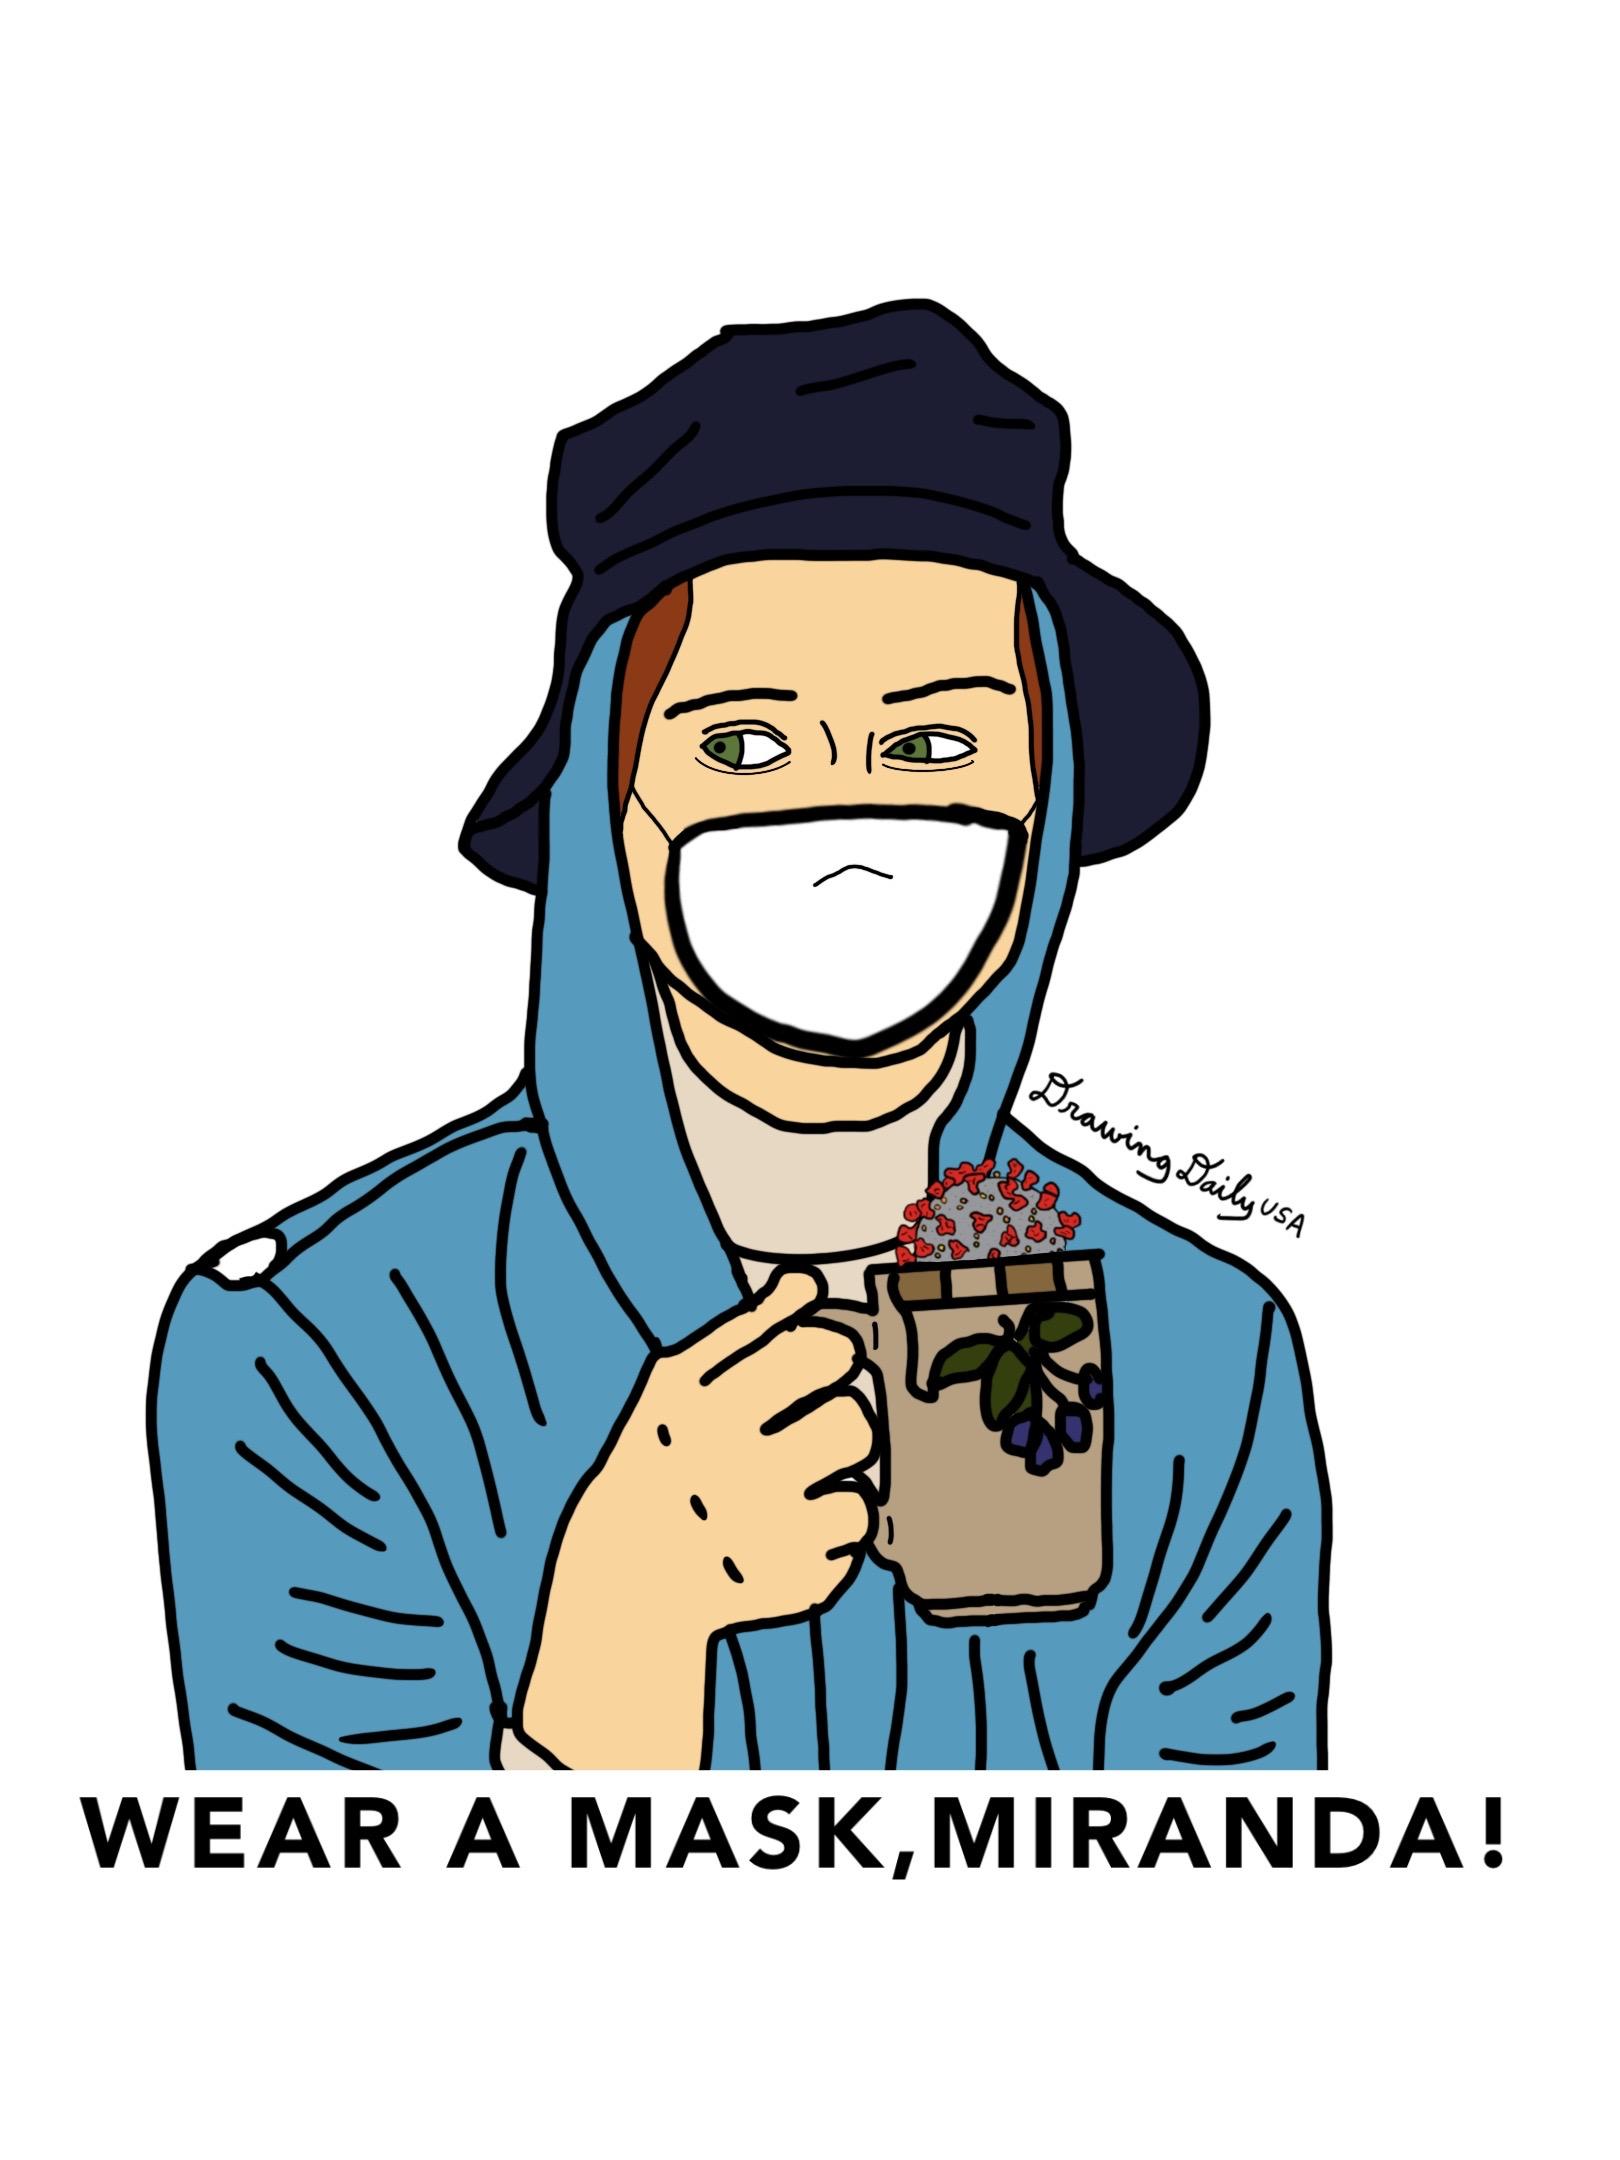 Miranda Mask